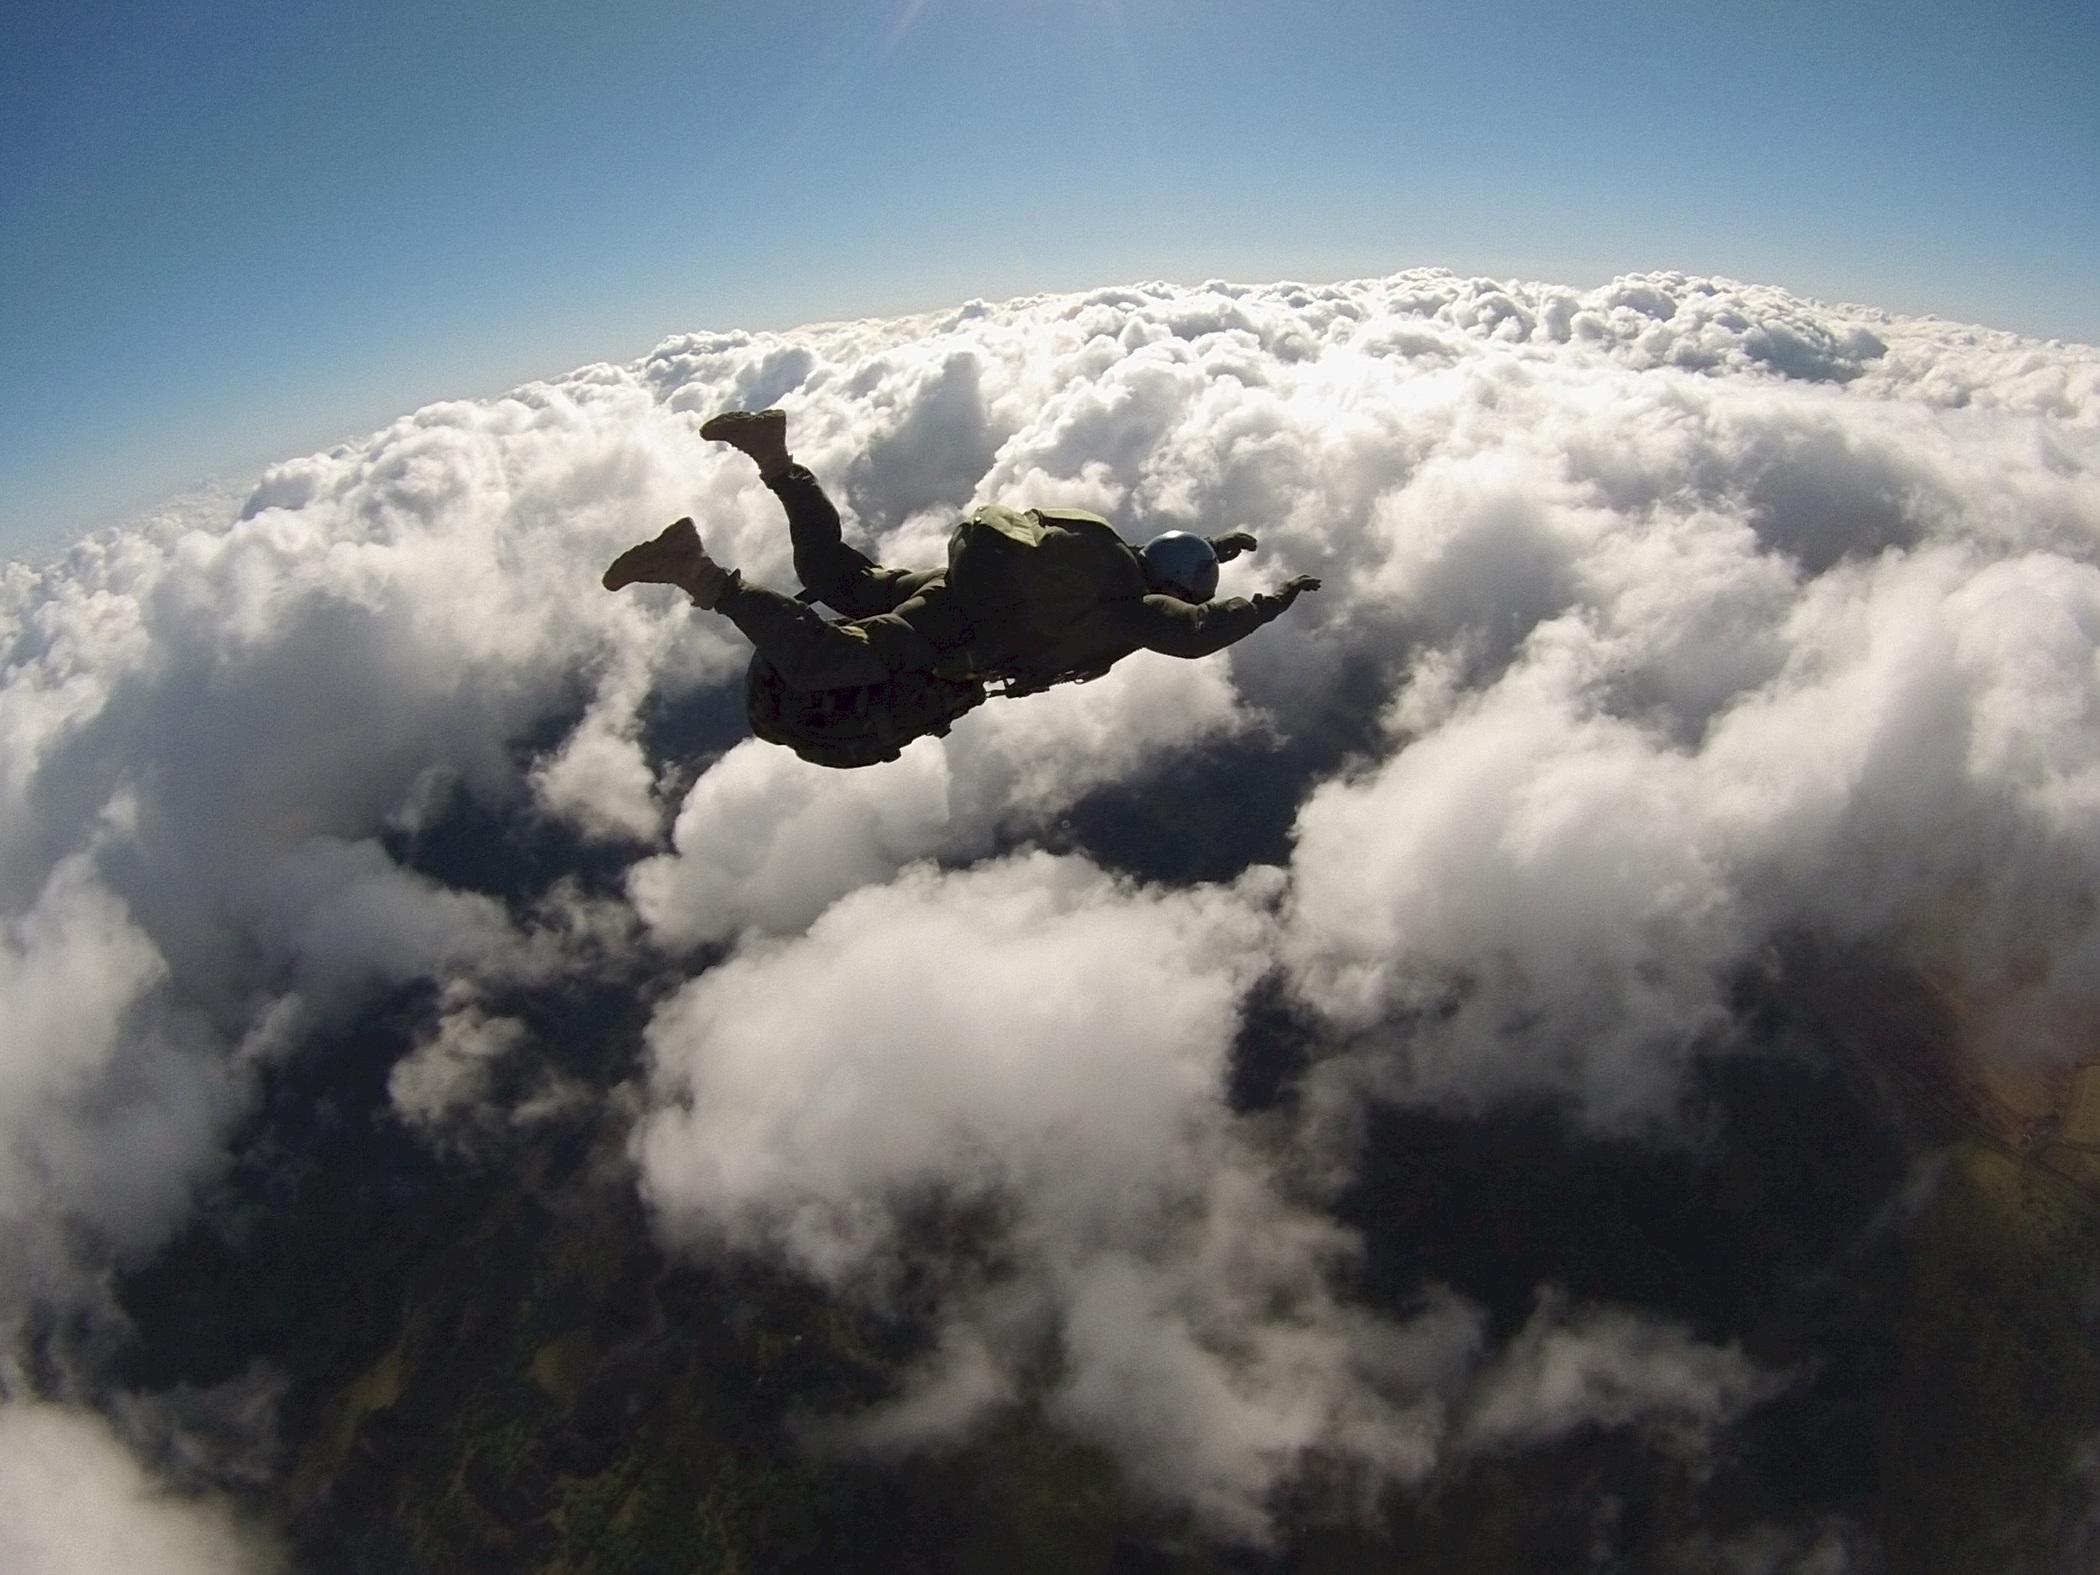 человек в небе фото с самолета получения сильного